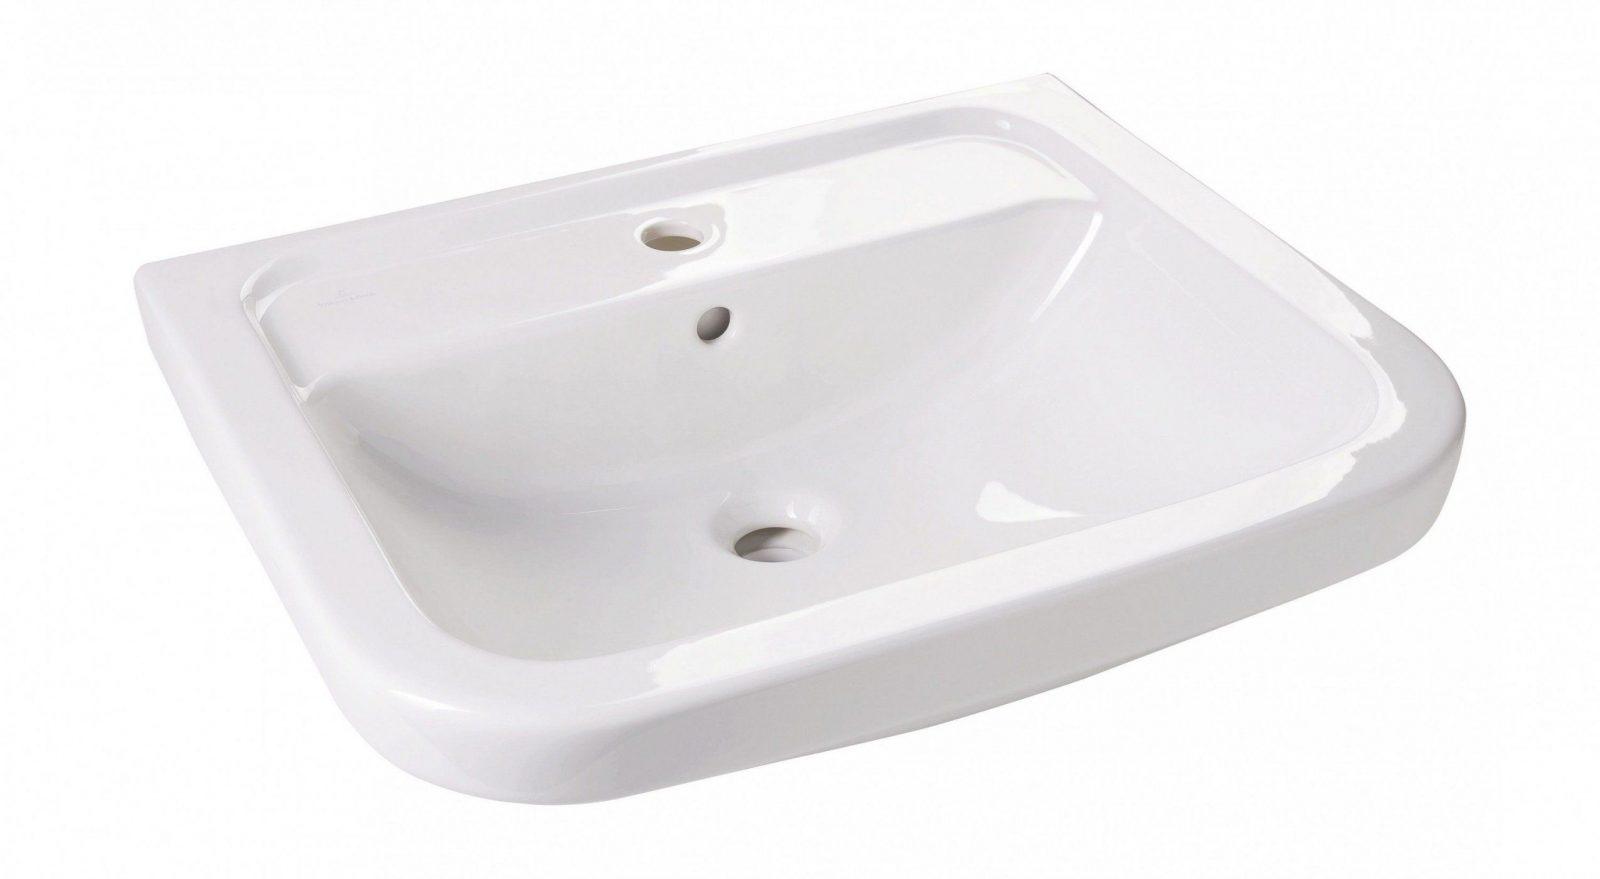 Waschtisch Villeroy Und Boch Omnia | Waschbecken Villeroy Boch ...